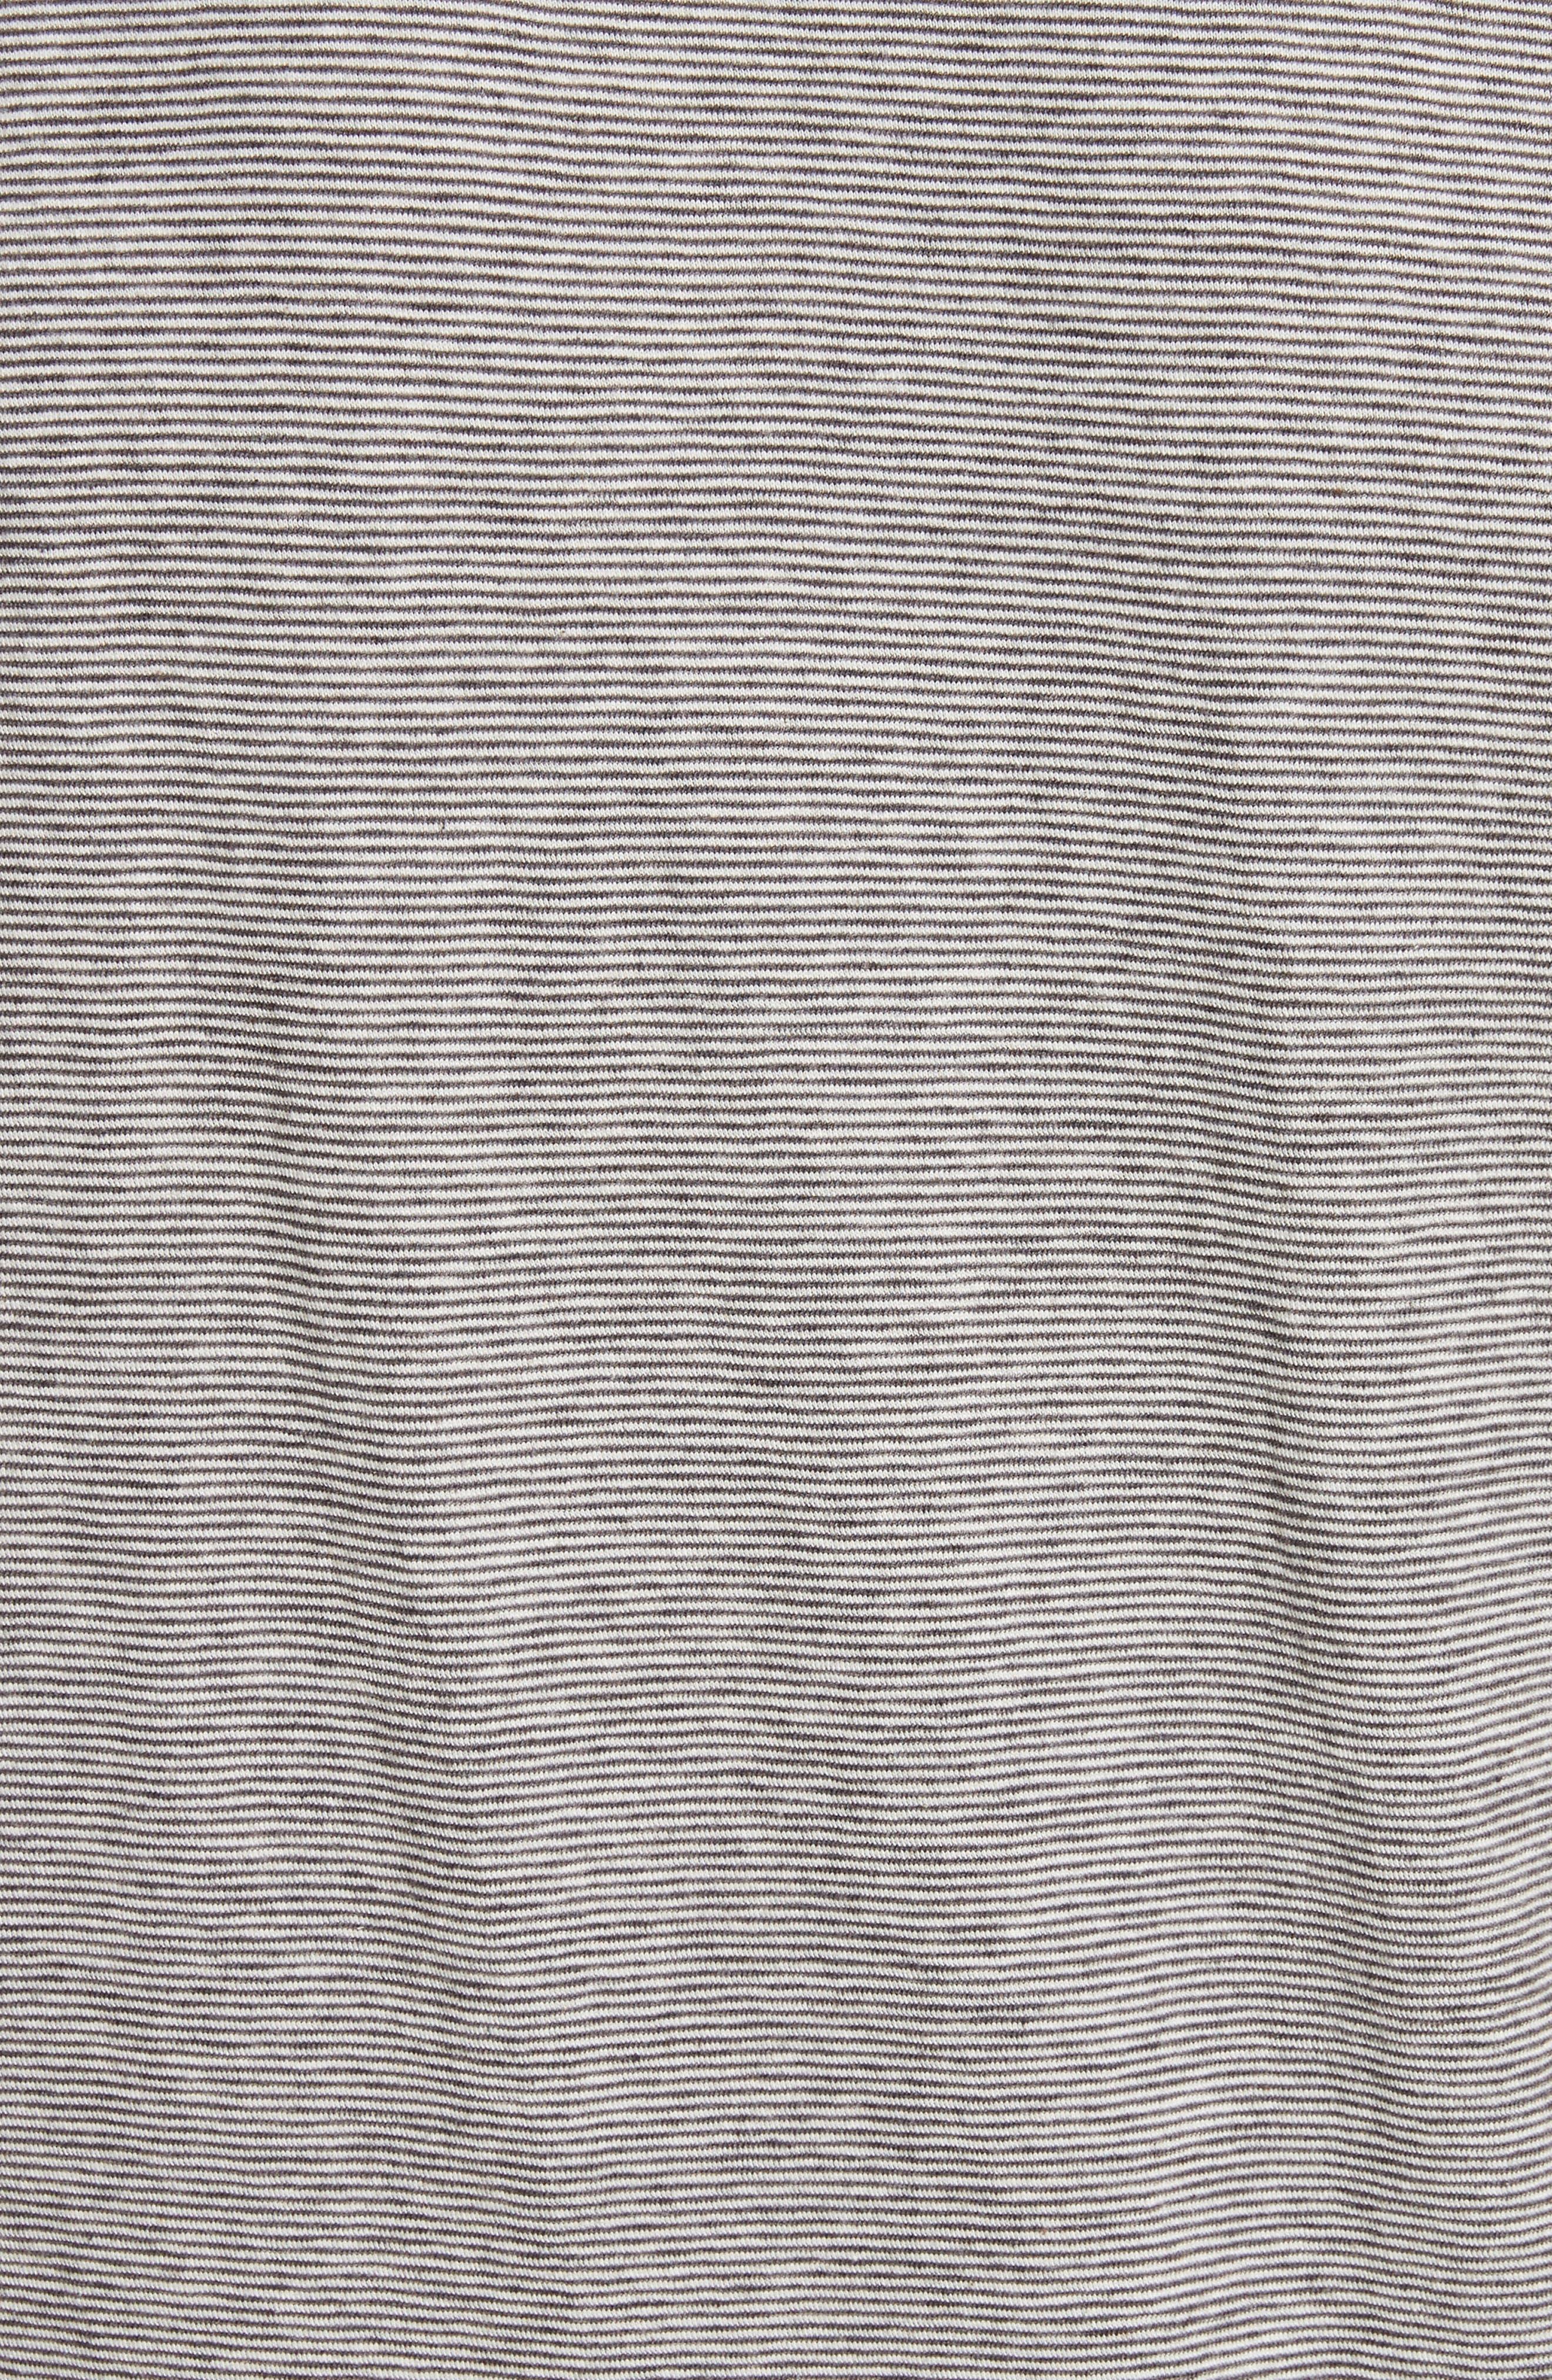 Microstripe Pocket T-Shirt,                             Alternate thumbnail 5, color,                             104